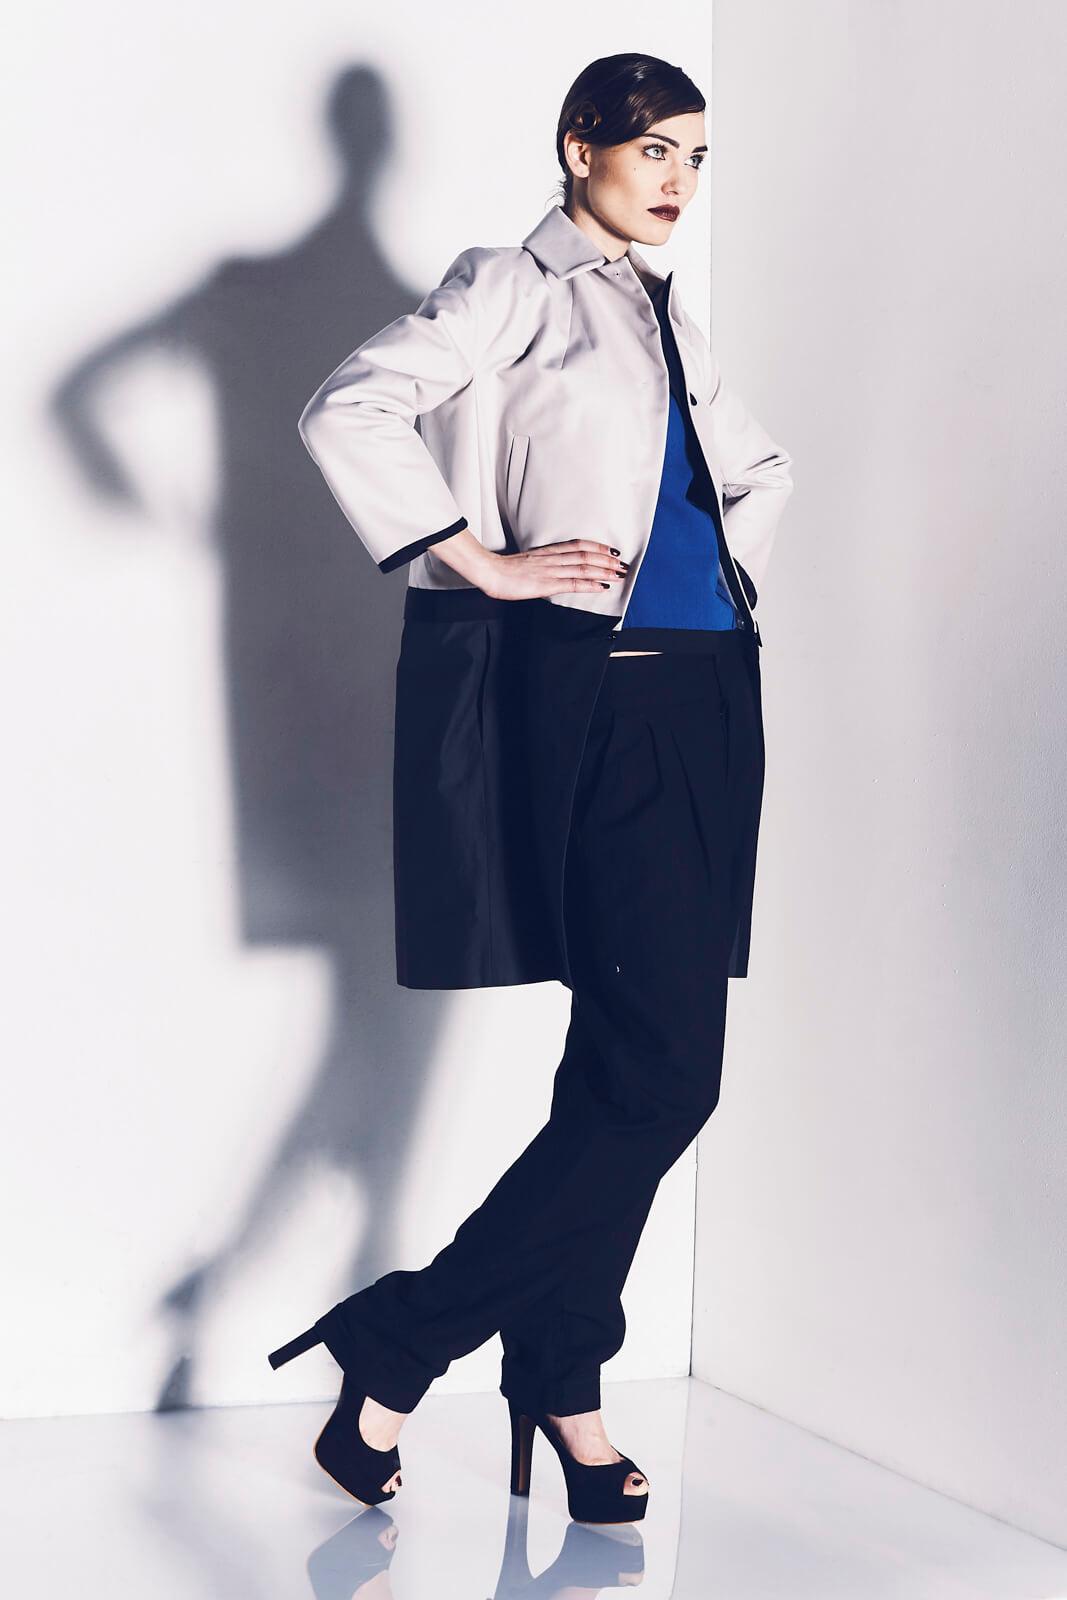 Matteo nanni moda